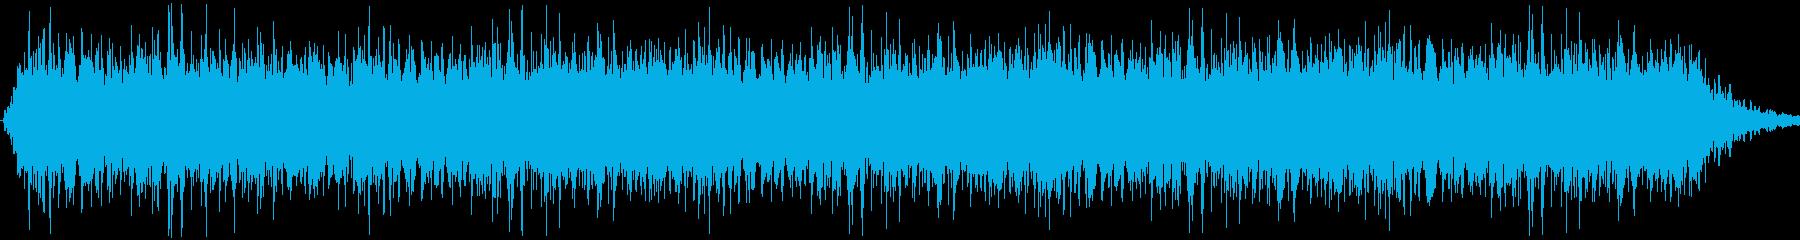 ザァー!勢いのよい音の再生済みの波形